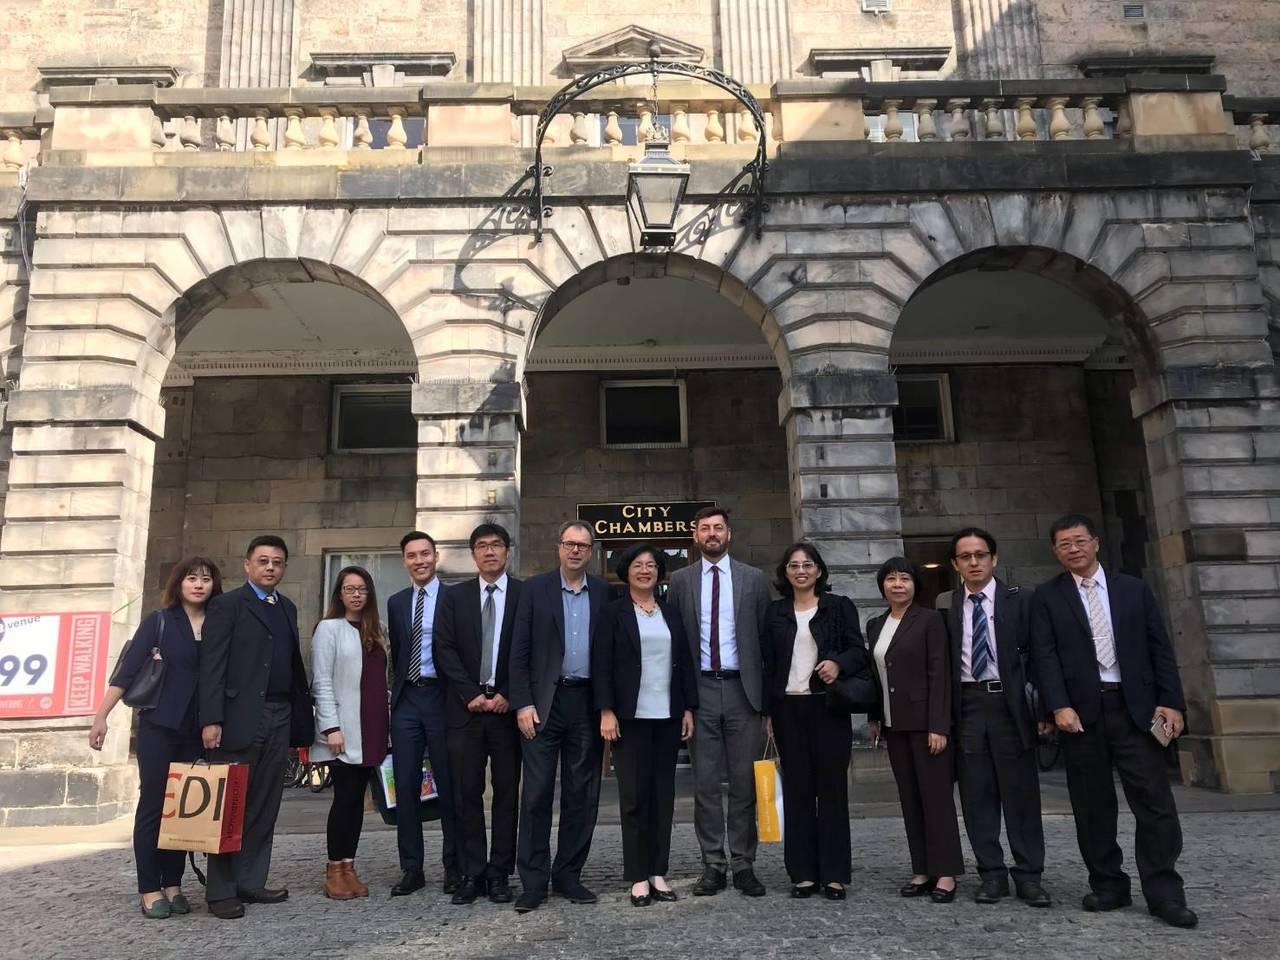 彰化縣長王惠美正在英國考察,也在臉書發文表示,參訪英國重要城市愛丁堡輕軌系統及公...